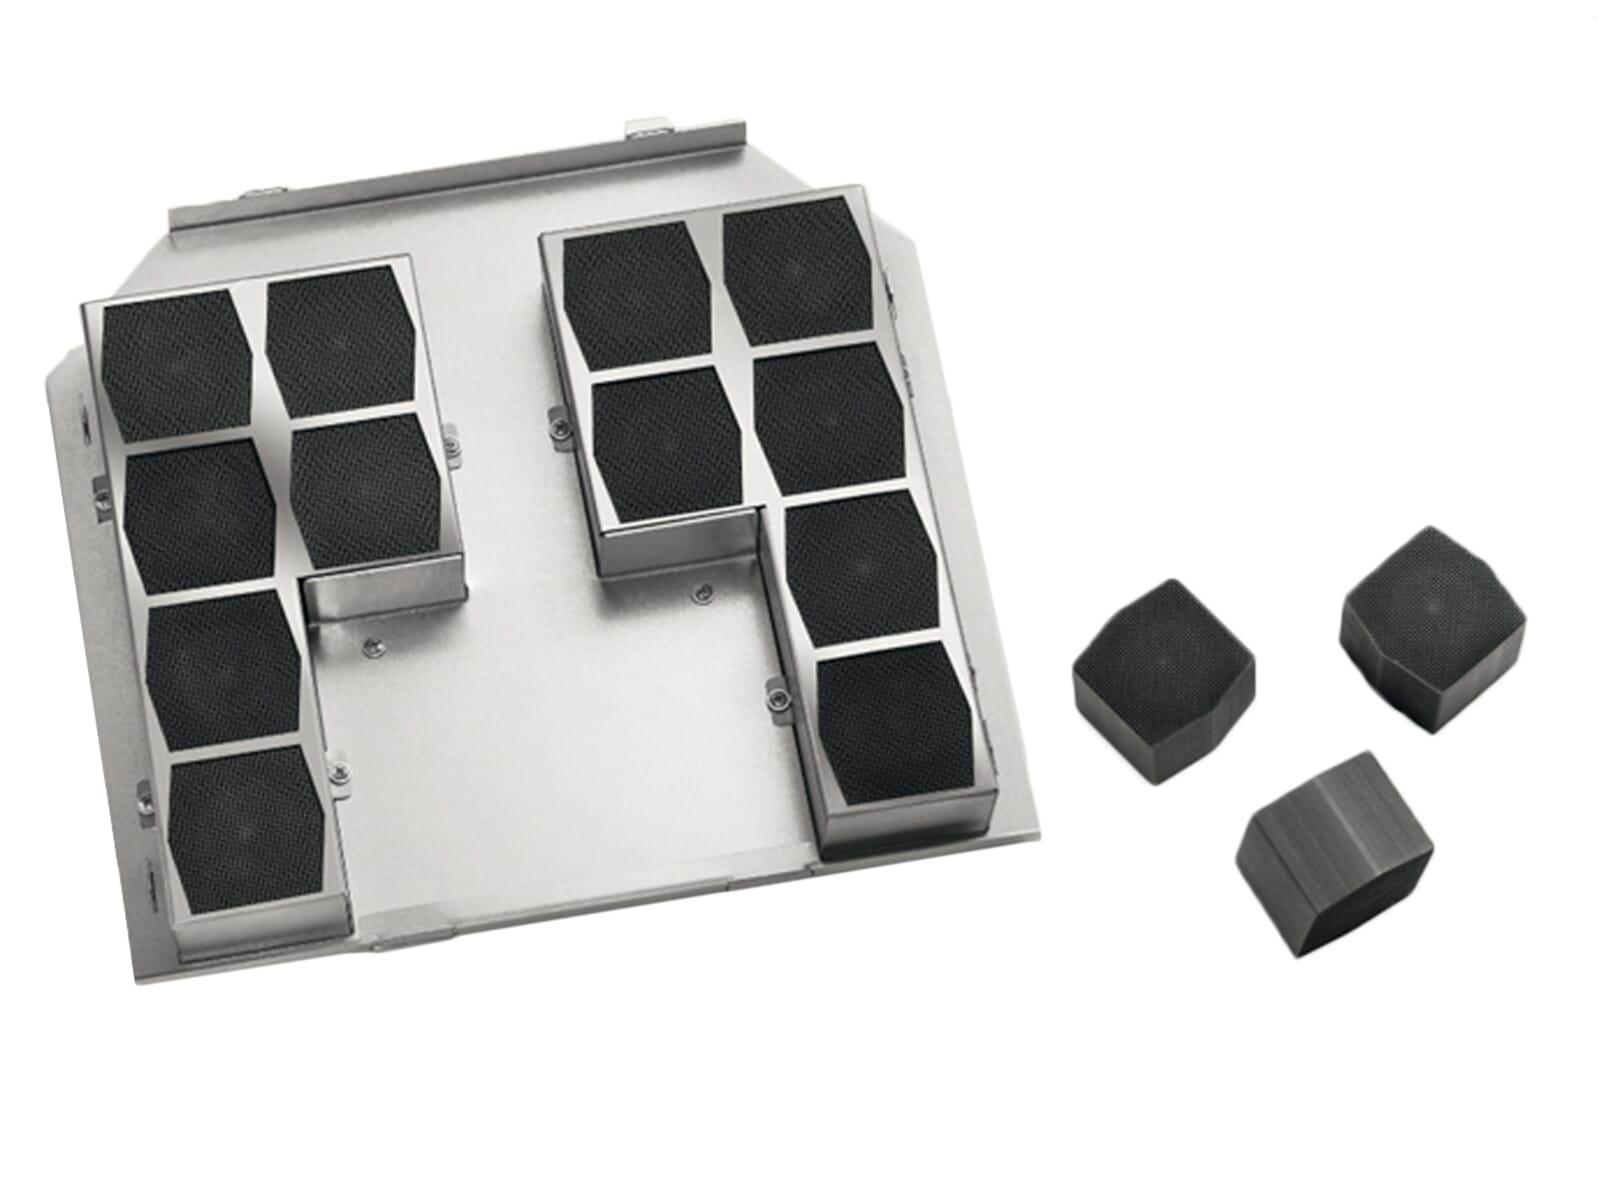 Produktabbildung AEG SUPCHARC-F Hoch-Effizienter Kohleaktivfilter